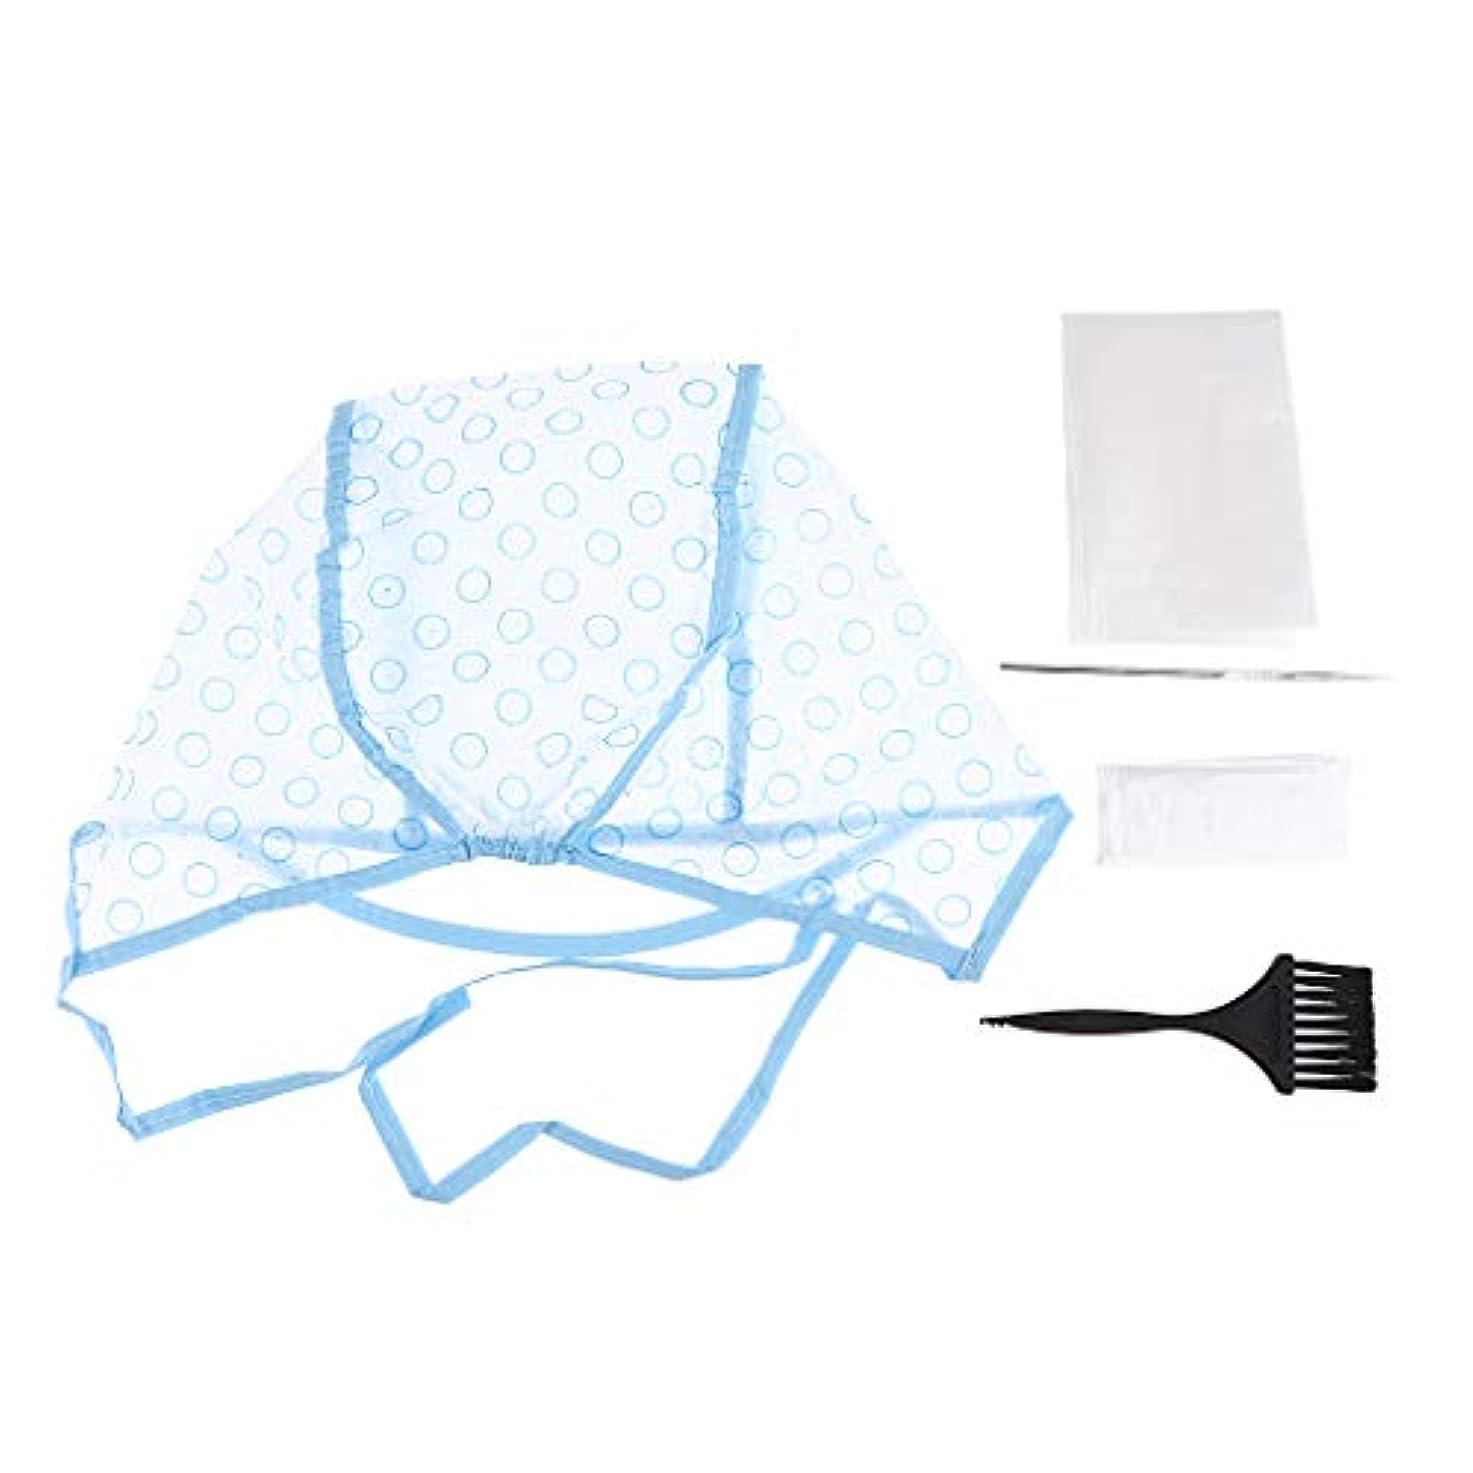 汚れた復活する口ひげ使い捨ての髪の着色キット、髪の色合いツールブラシフック強調キャップ手袋とケープセット